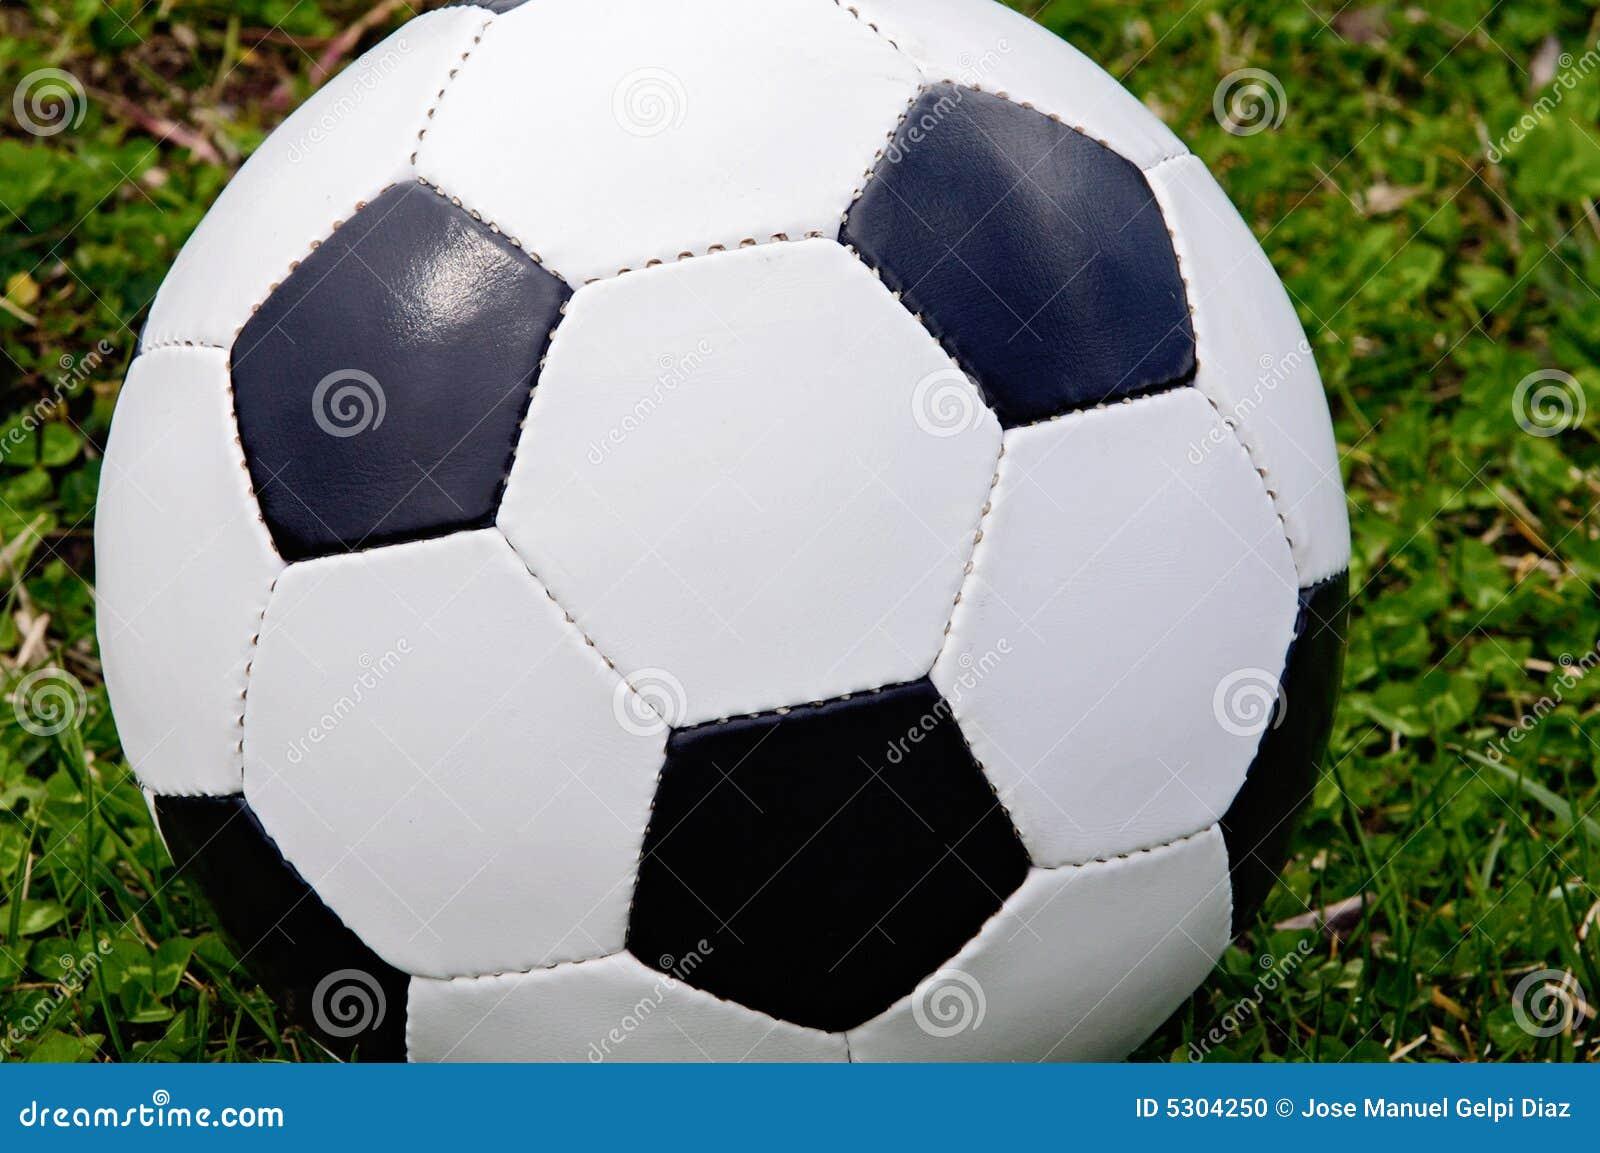 Download Sfera di calcio fotografia stock. Immagine di icona, cuoio - 5304250